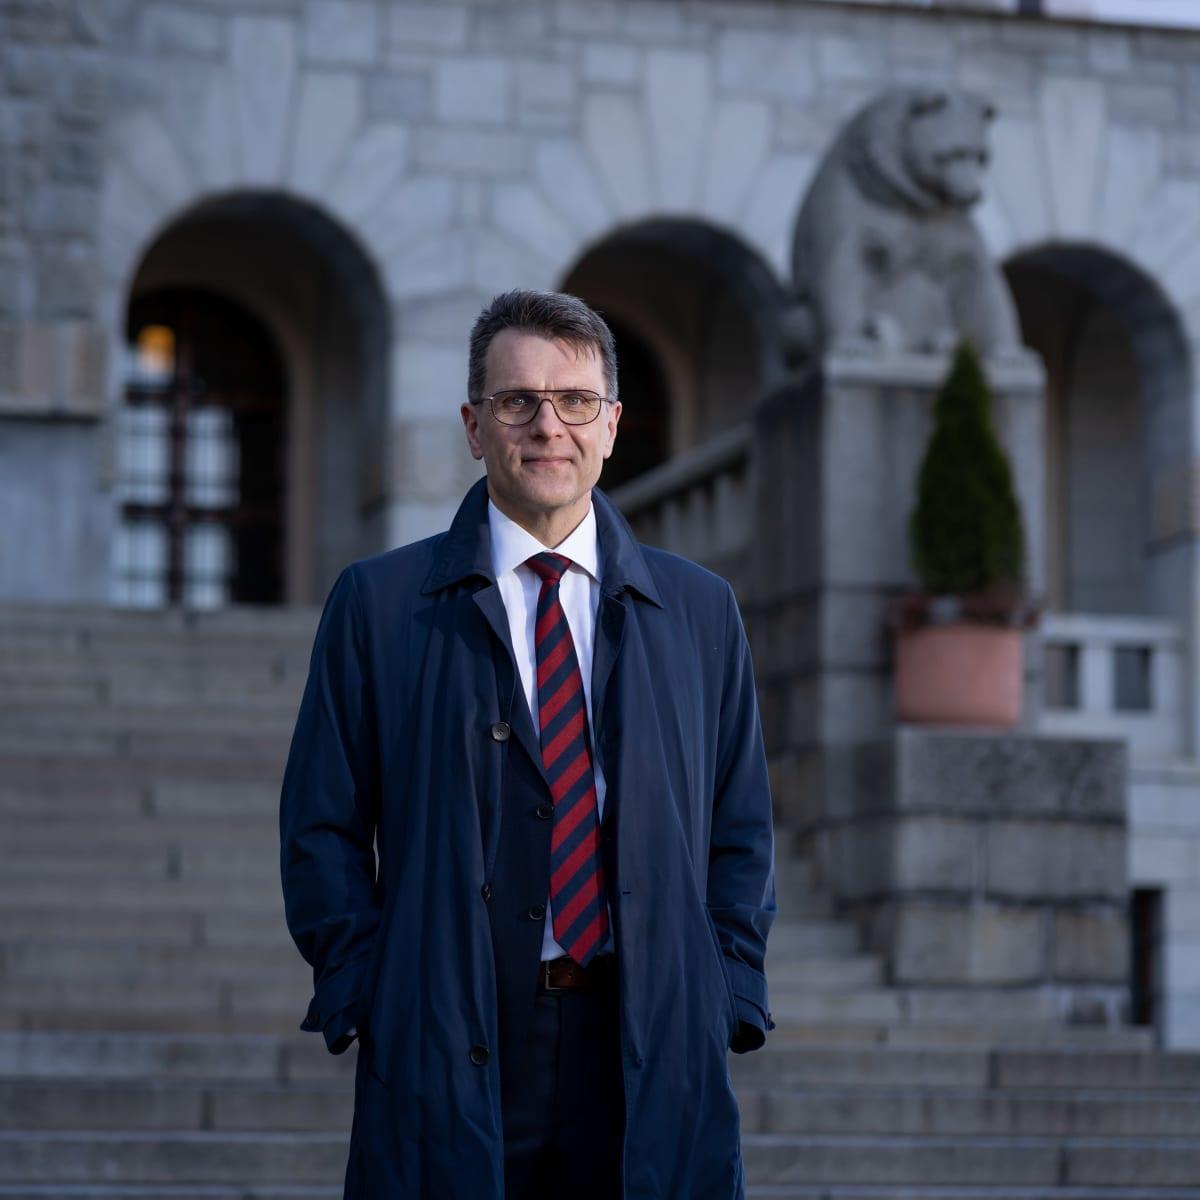 Suomen museoliiton pääsihteeri Kimmo Levä kuvattuna Suomen kansallismuseon edessä, Helsinki, 16.4.2021.